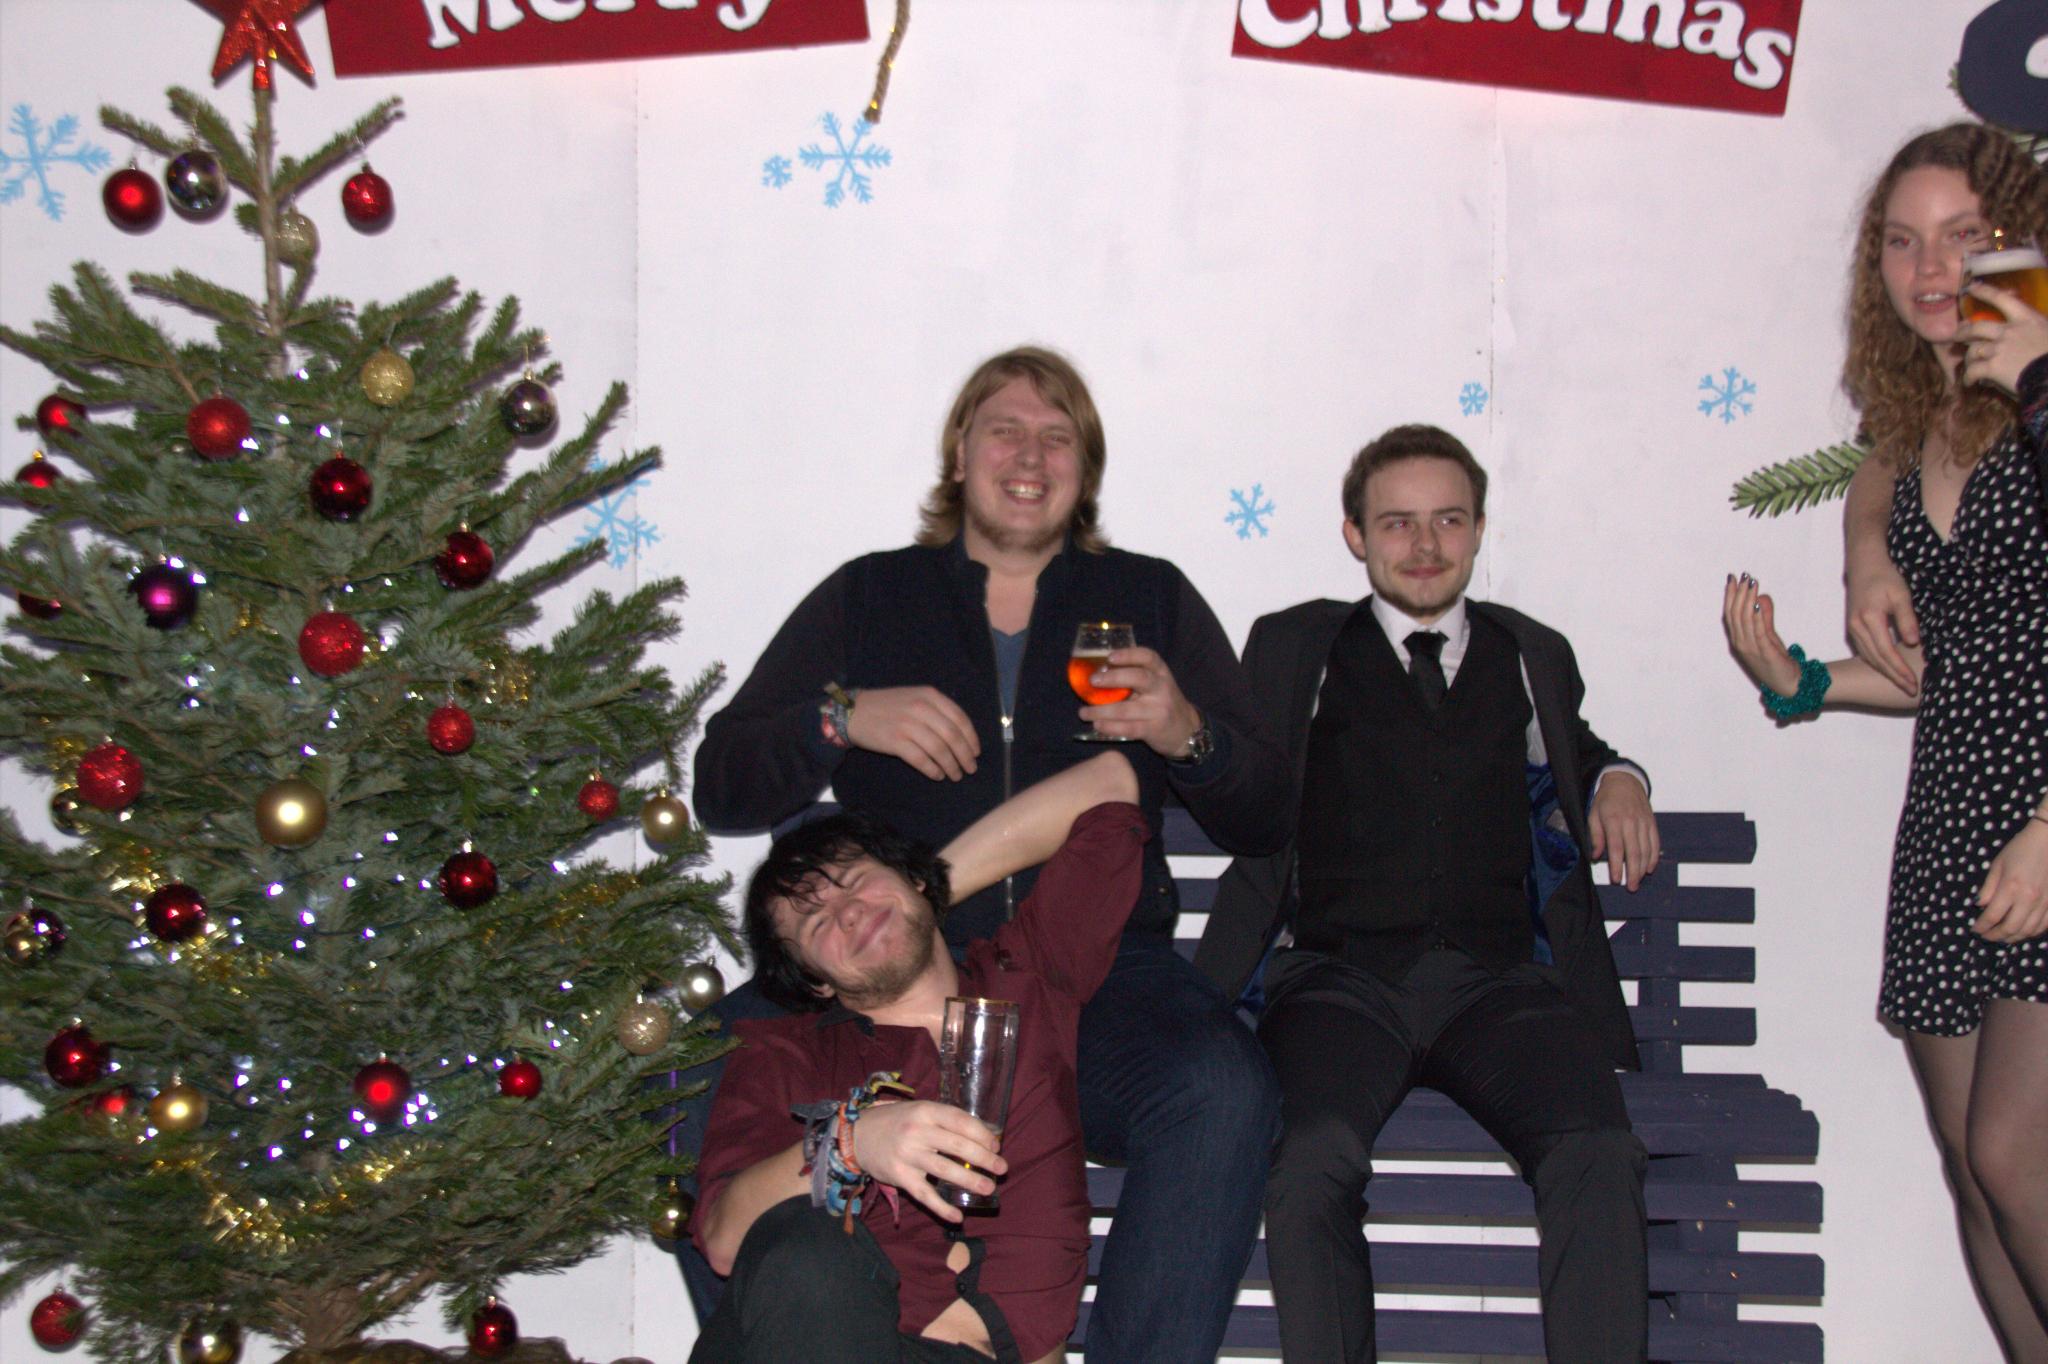 Kerstfeest_243